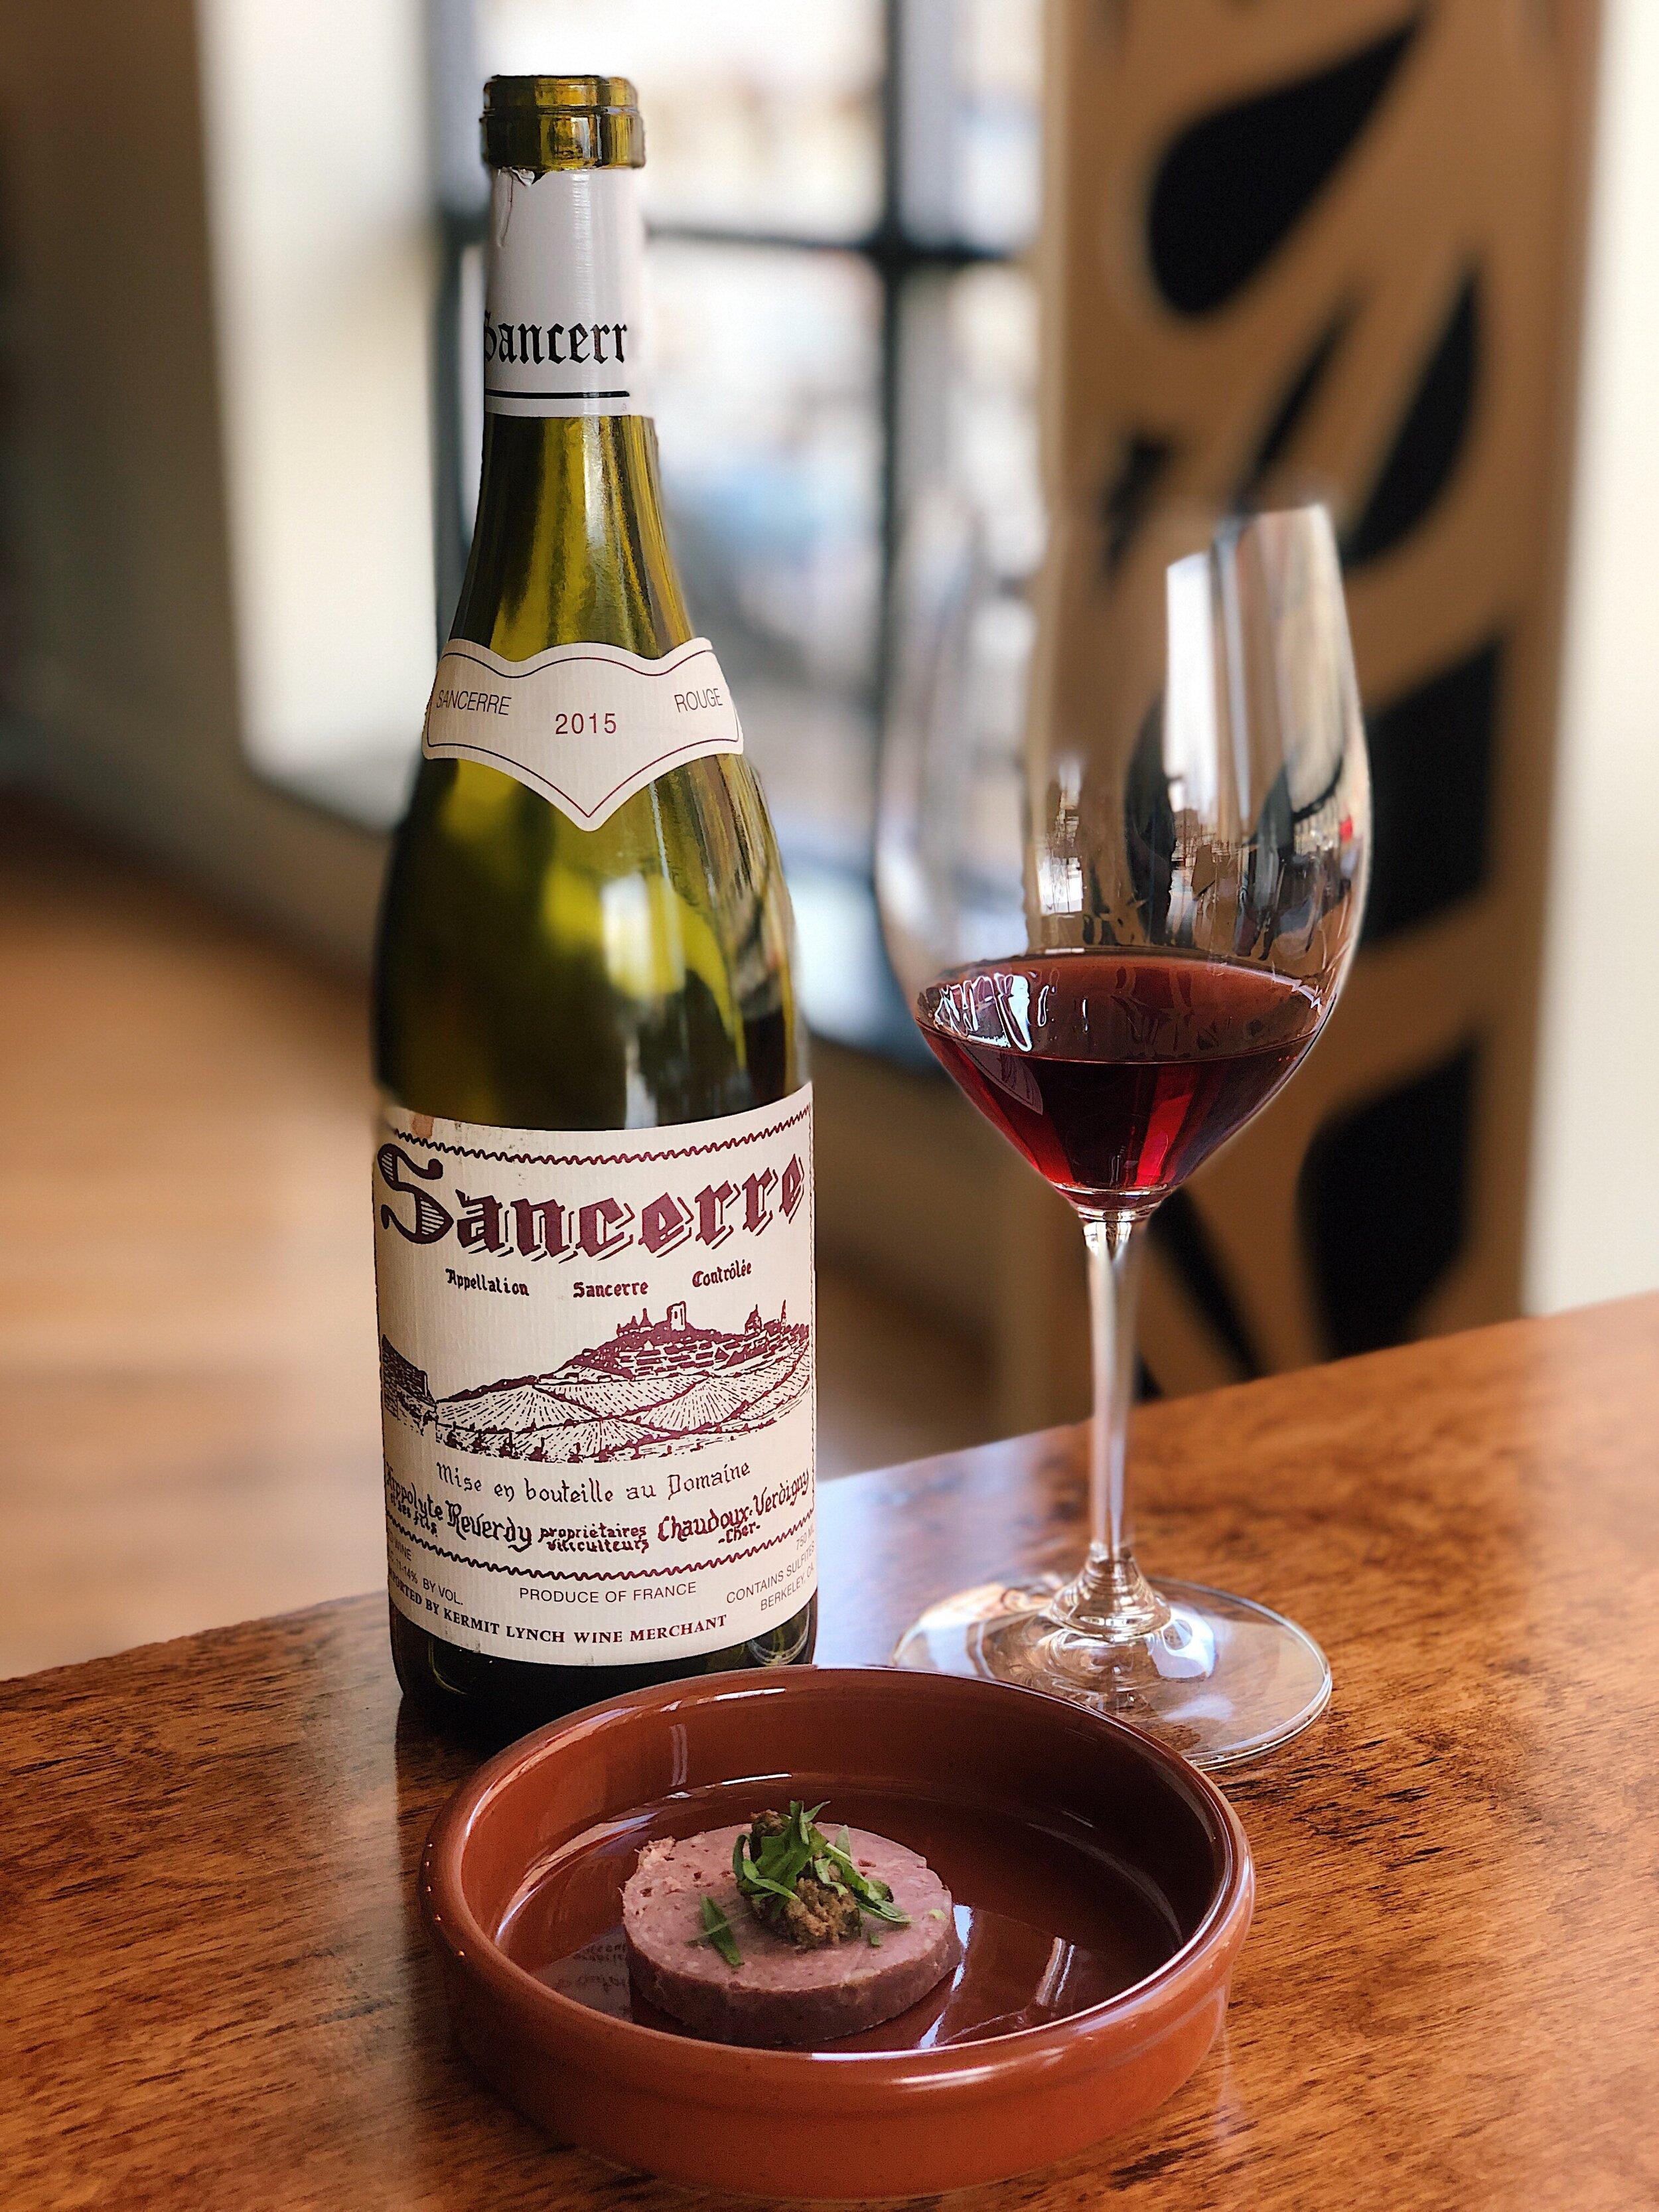 wine_wise_portland_maine_walk_red_loire_pinot_noir.jpg